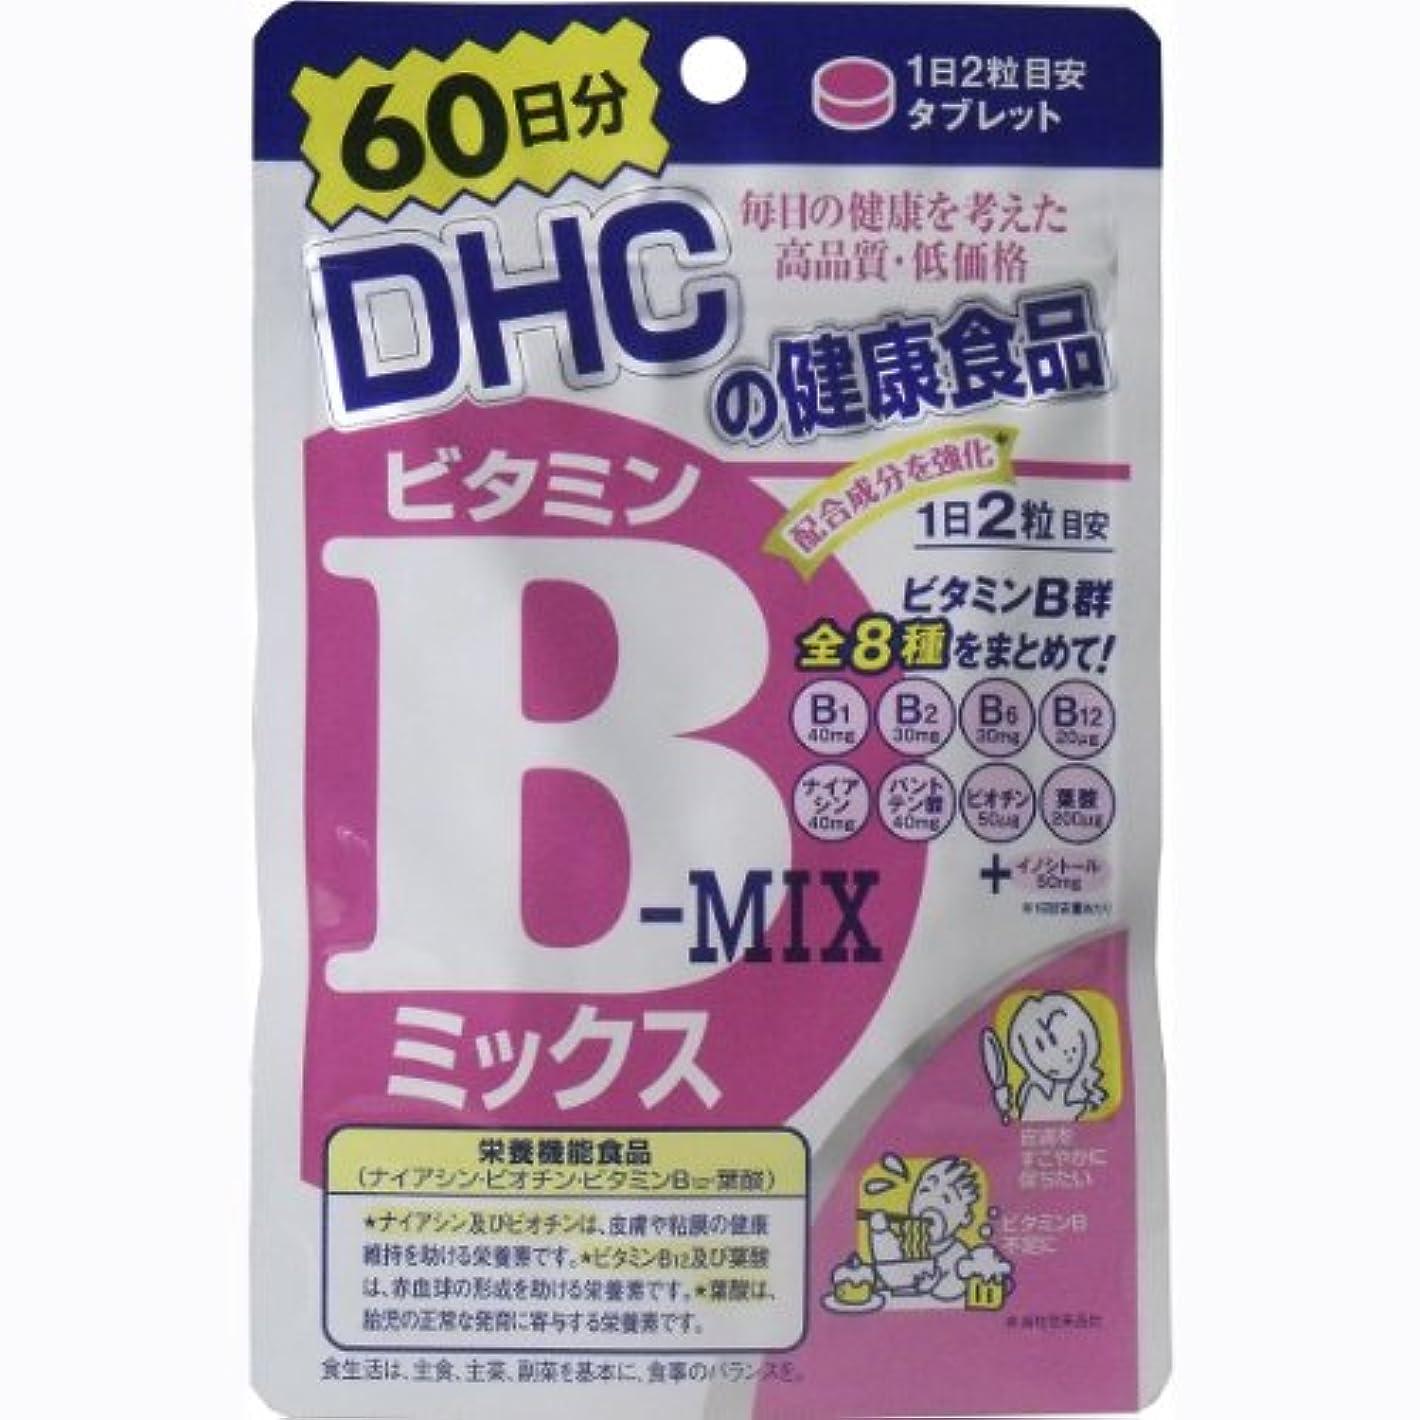 キリスト教オートメーション眼DHC ビタミンBミックス 120粒 60日分 ×5個セット